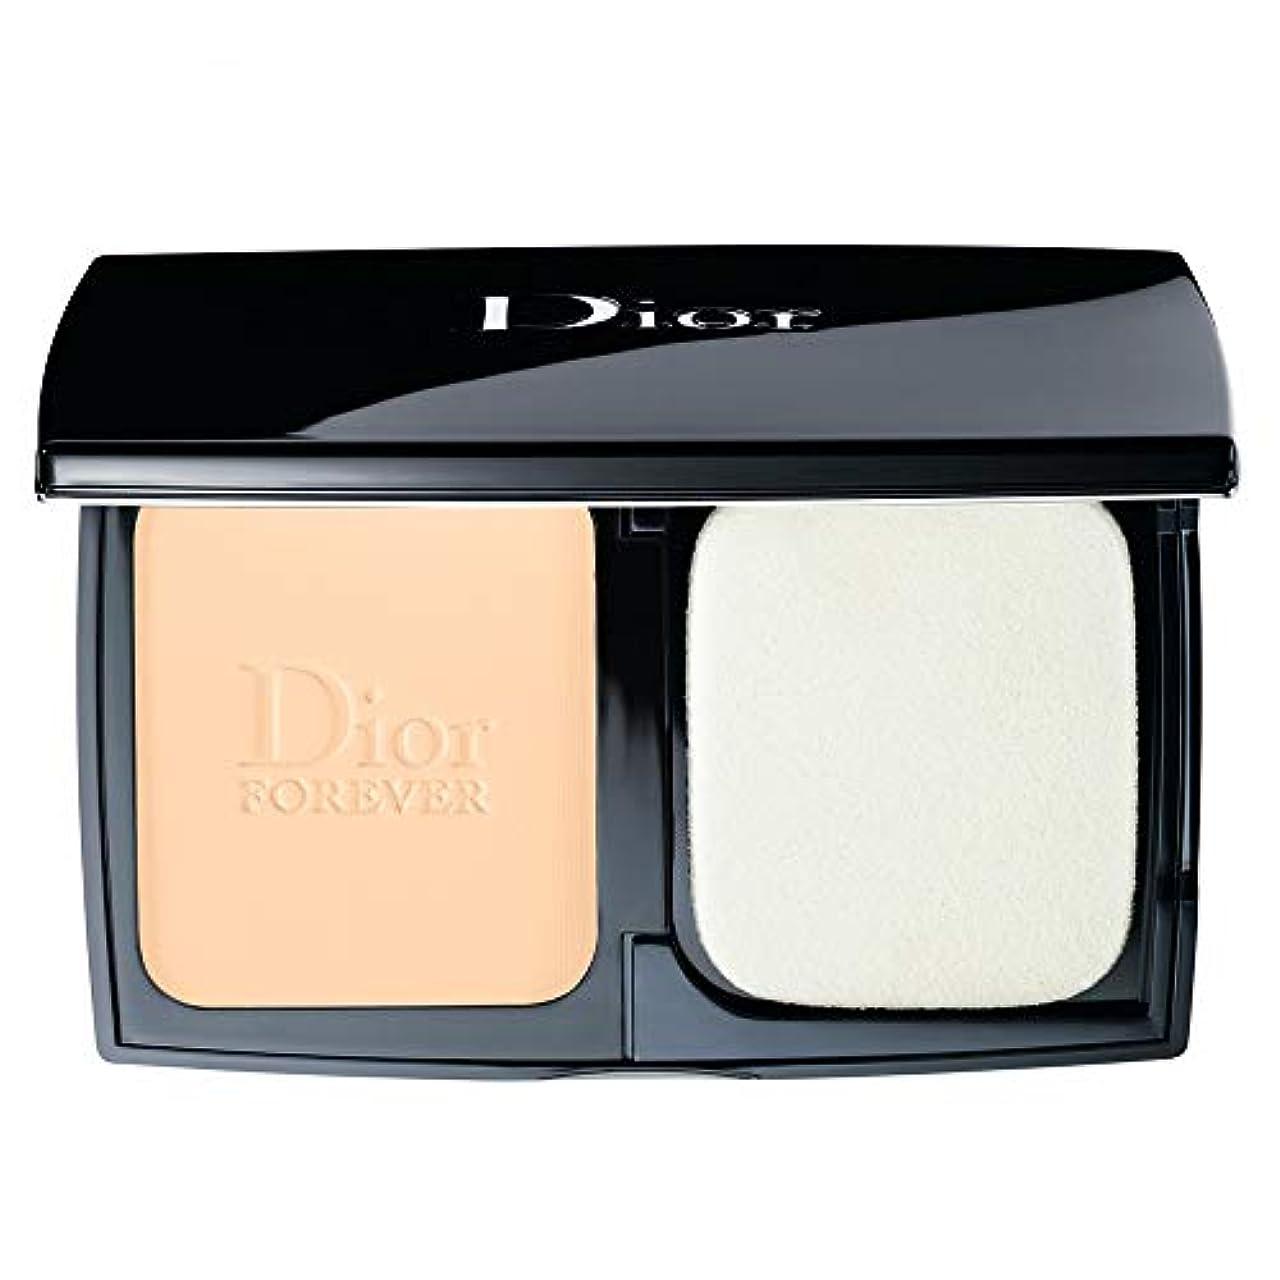 ファウル語組クリスチャンディオール Diorskin Forever Extreme Control Perfect Matte Powder Makeup SPF 20 - # 010 Ivory 9g/0.31oz並行輸入品